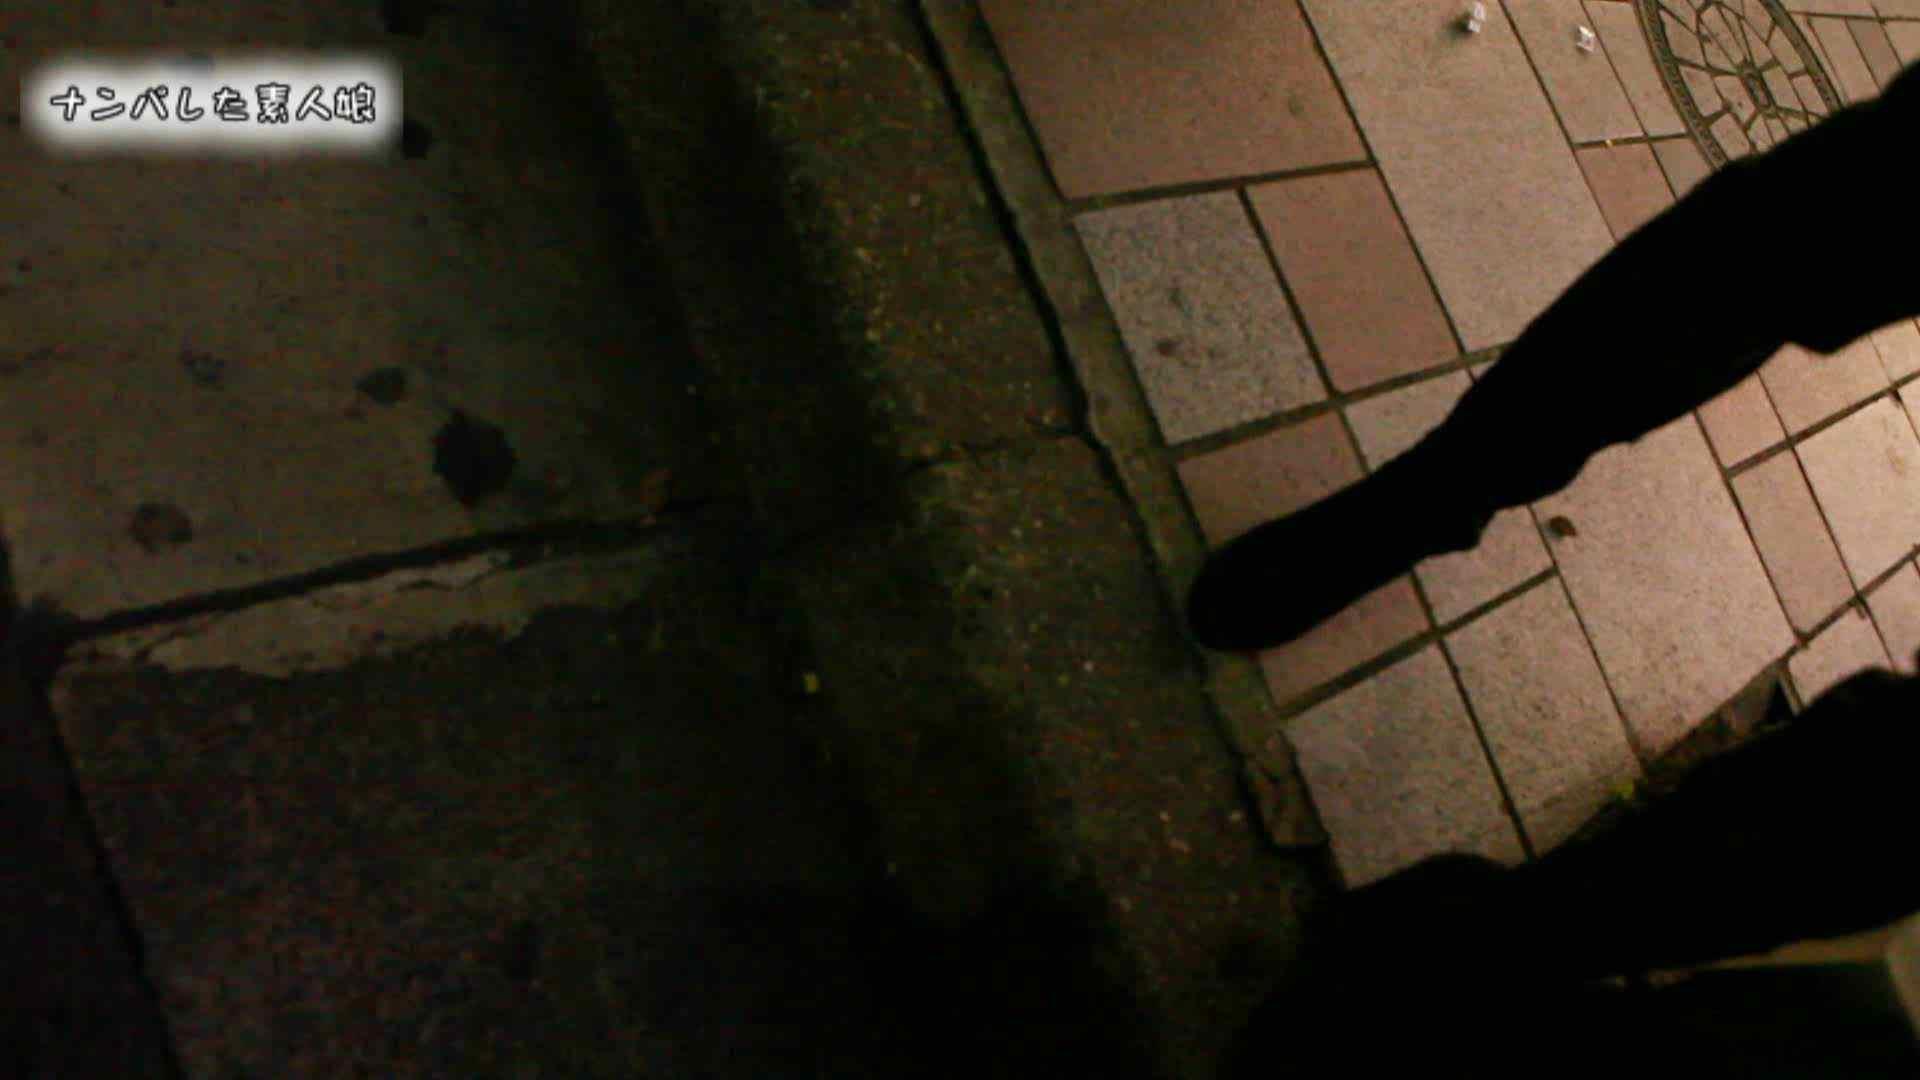 電魔王さんの「隠撮の部屋」アイカ 巨乳女子 | 隠撮  62pic 13